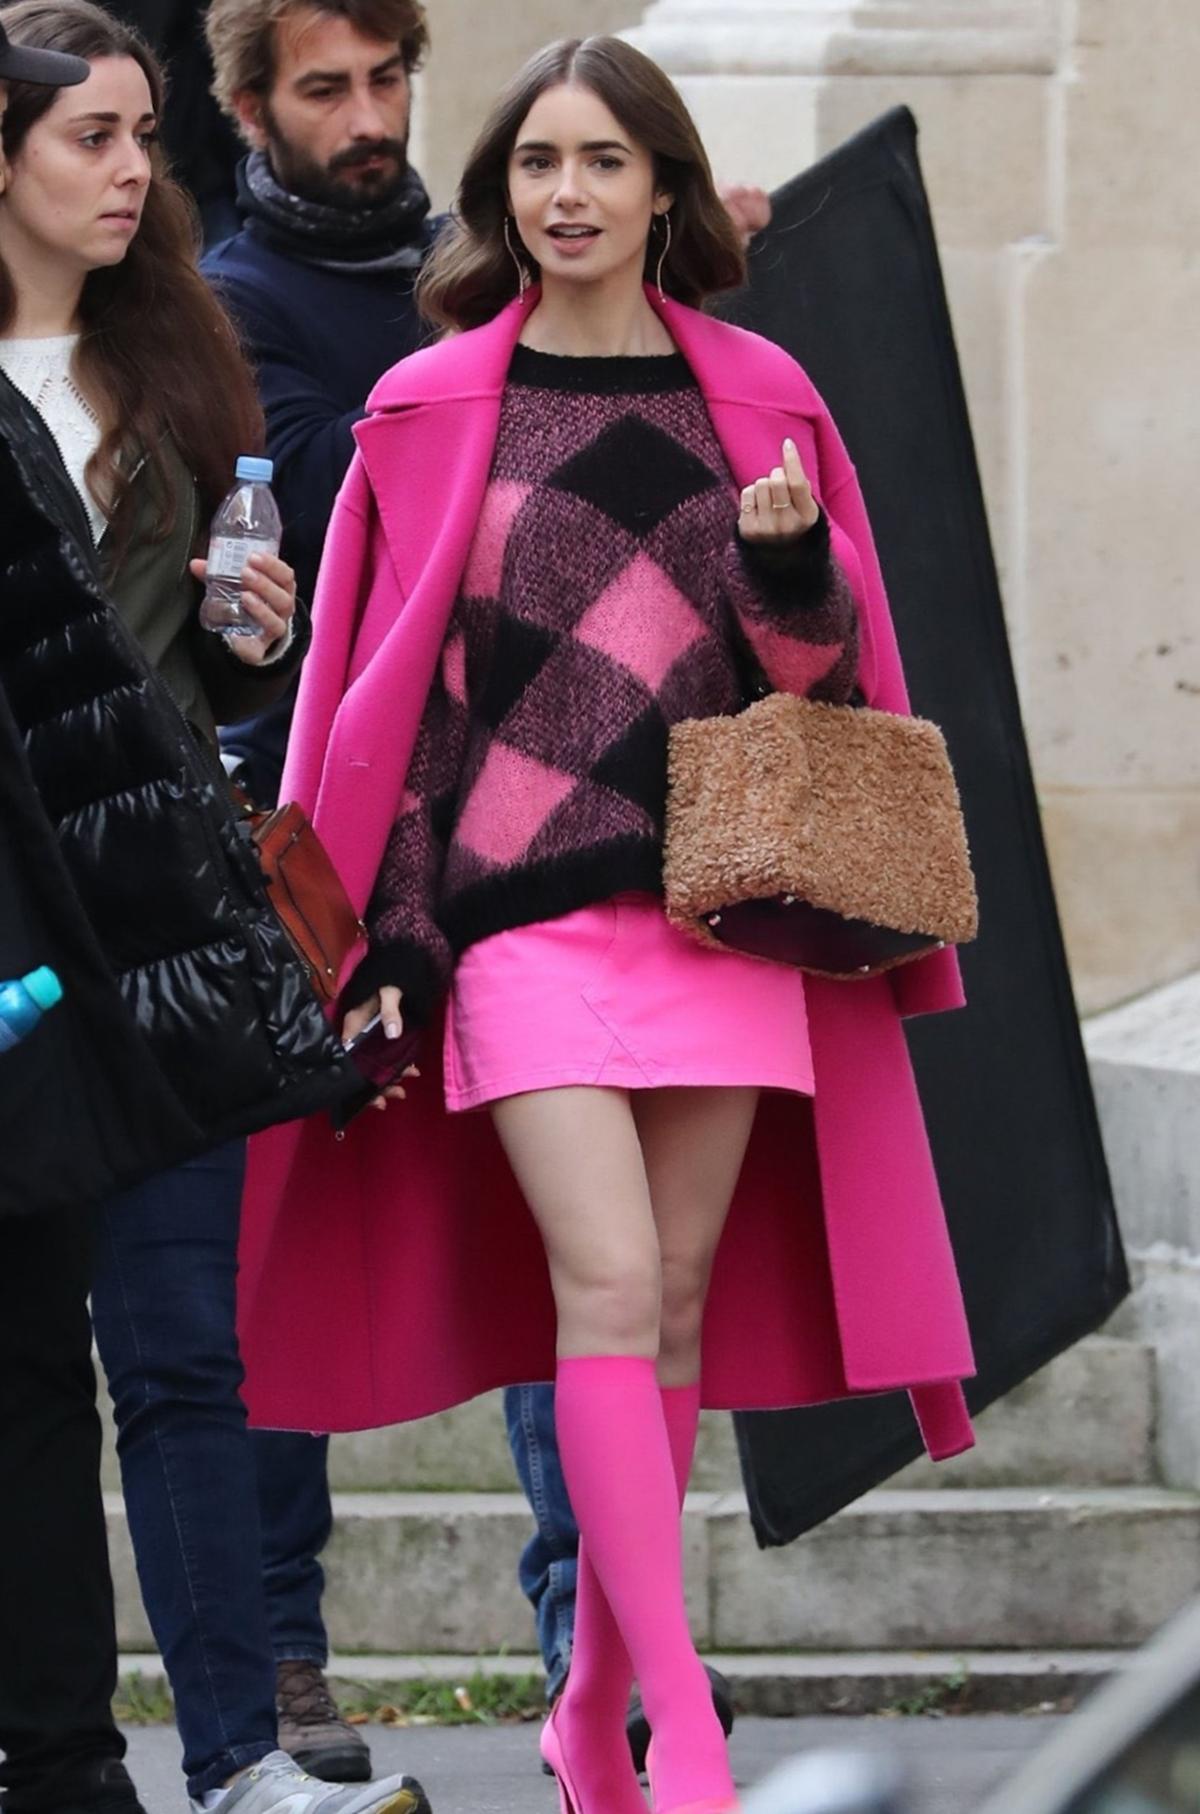 Lily Collins thu hút truyền thông khi diện cây hồng trong buổi quay phim trên đường phố Paris. Cô kết hợp áo khoác Kenzo, bên trong mặc áo len Sandro, phối chân váy denim của Chiara Ferragni. Ảnh:  BackgridUSA